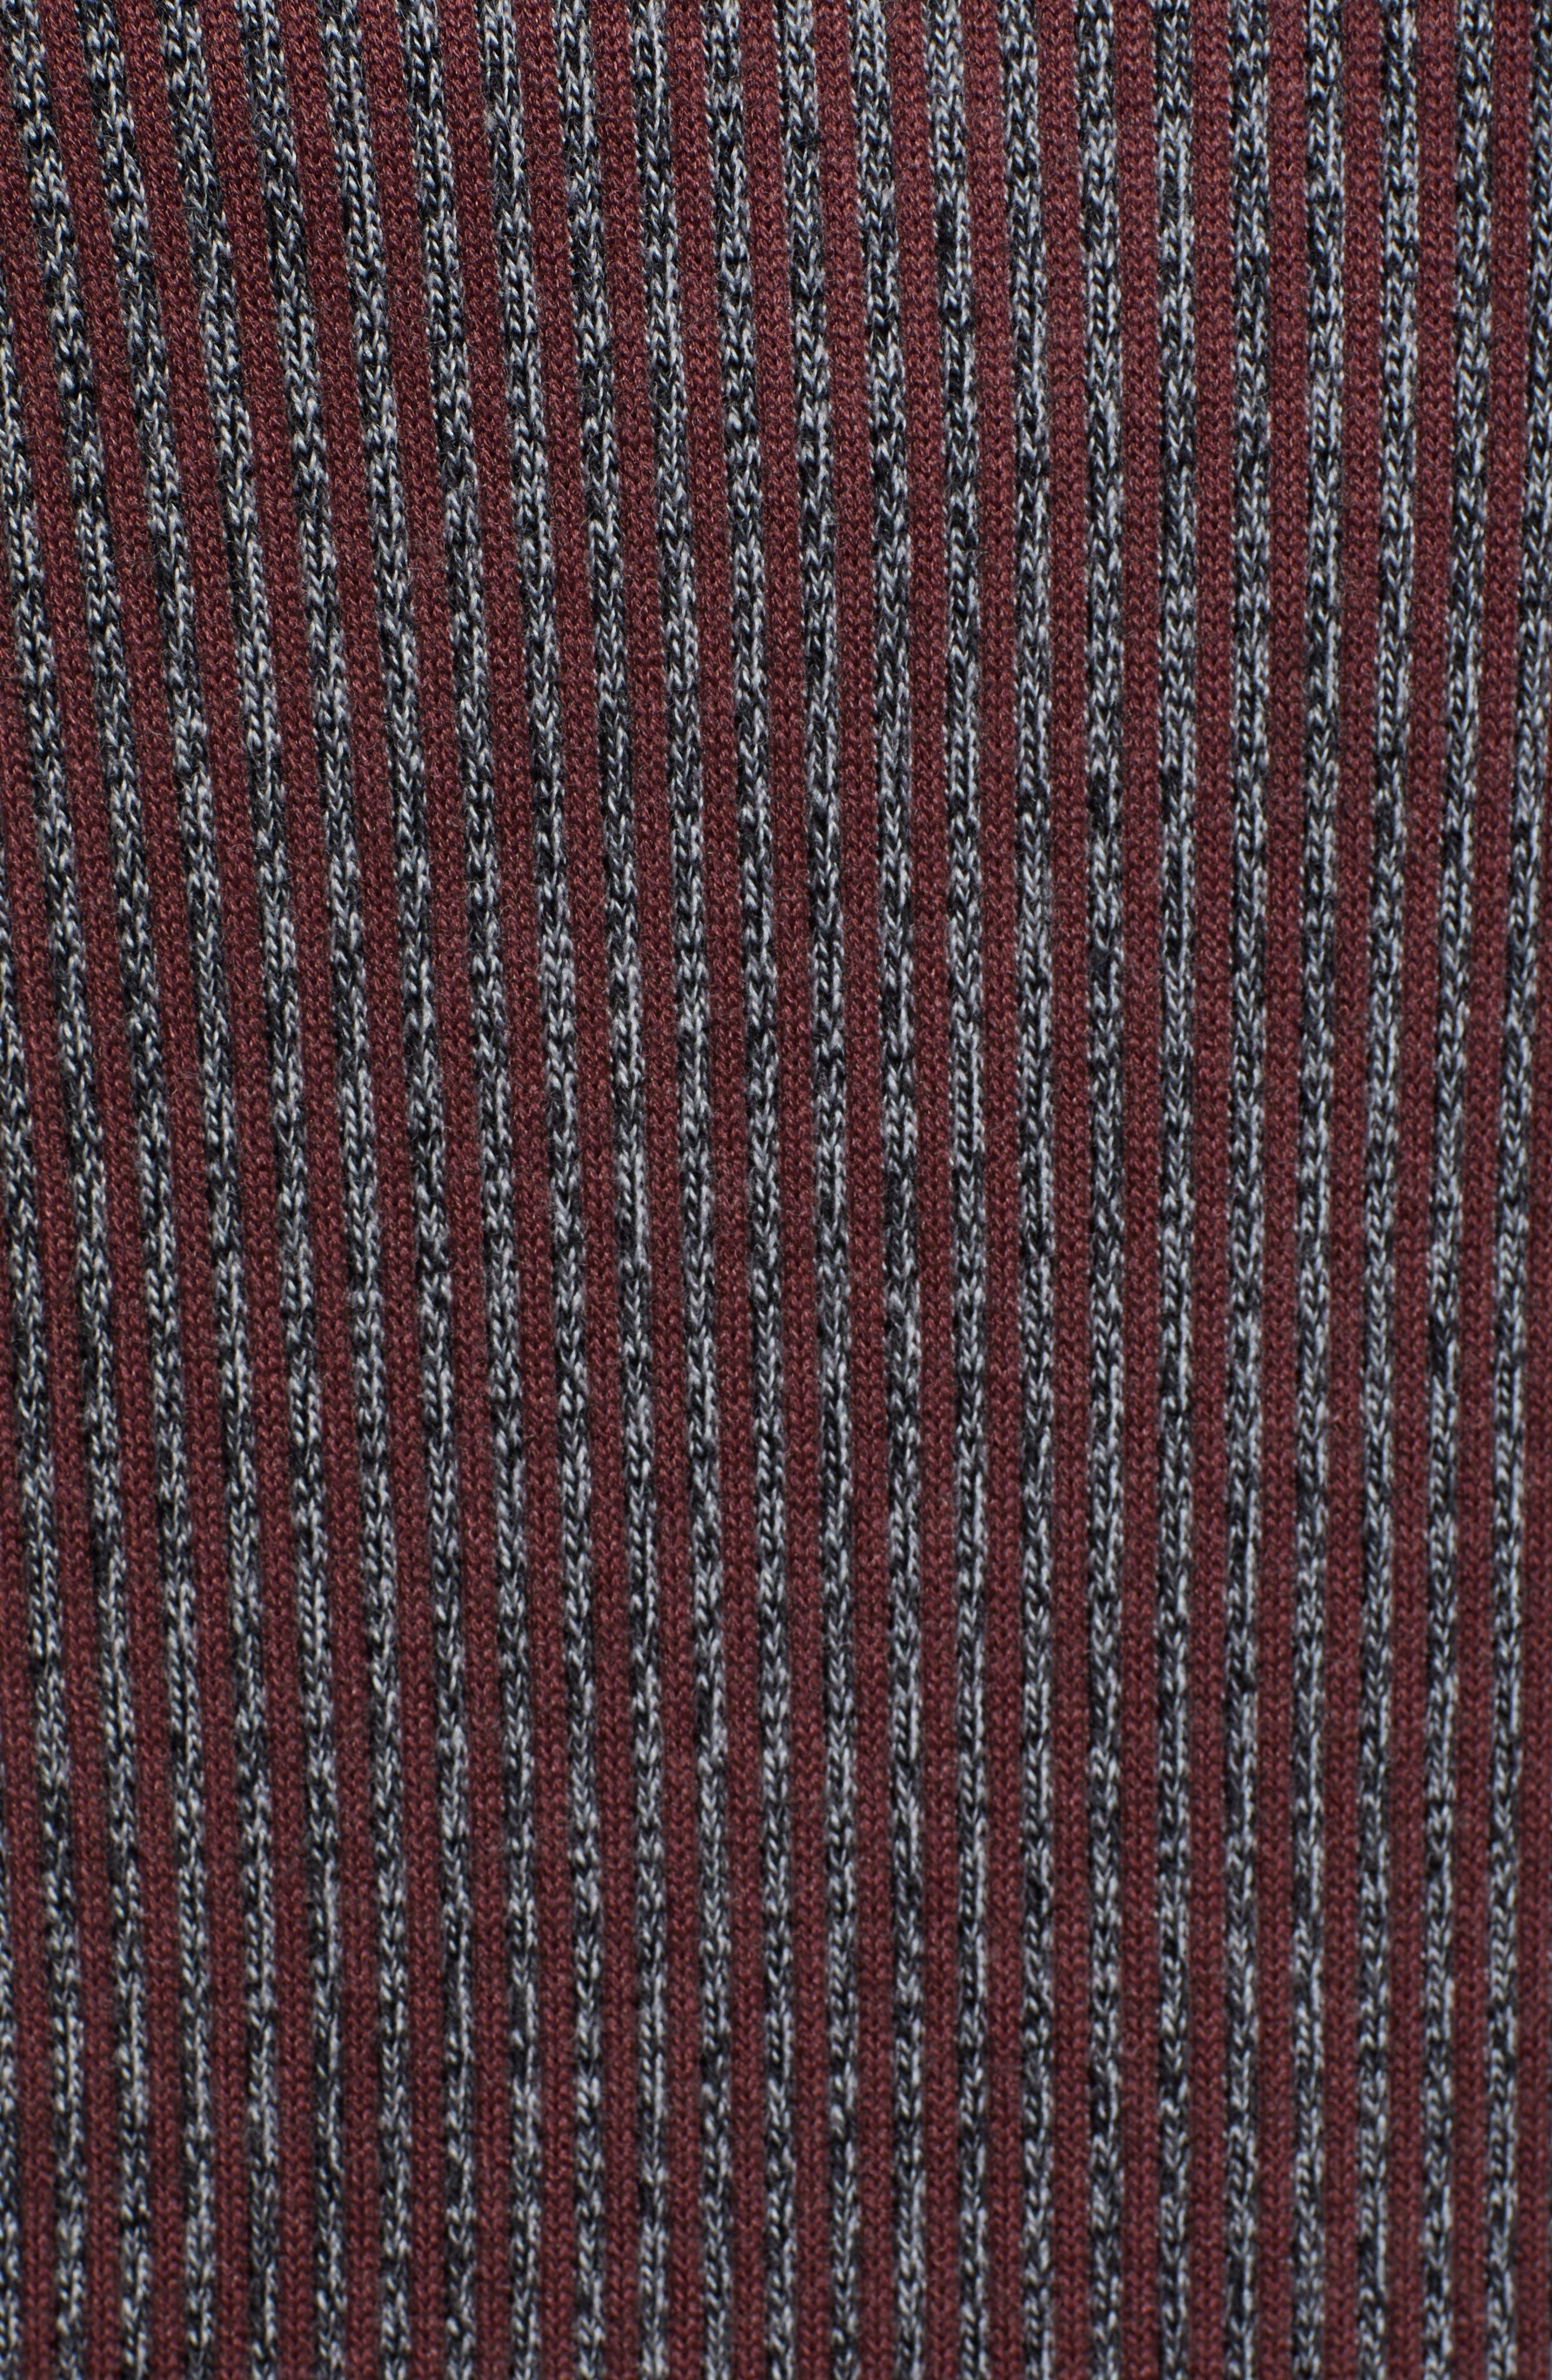 Jinxitt Crewneck Sweater,                             Alternate thumbnail 5, color,                             DEEP-PINK